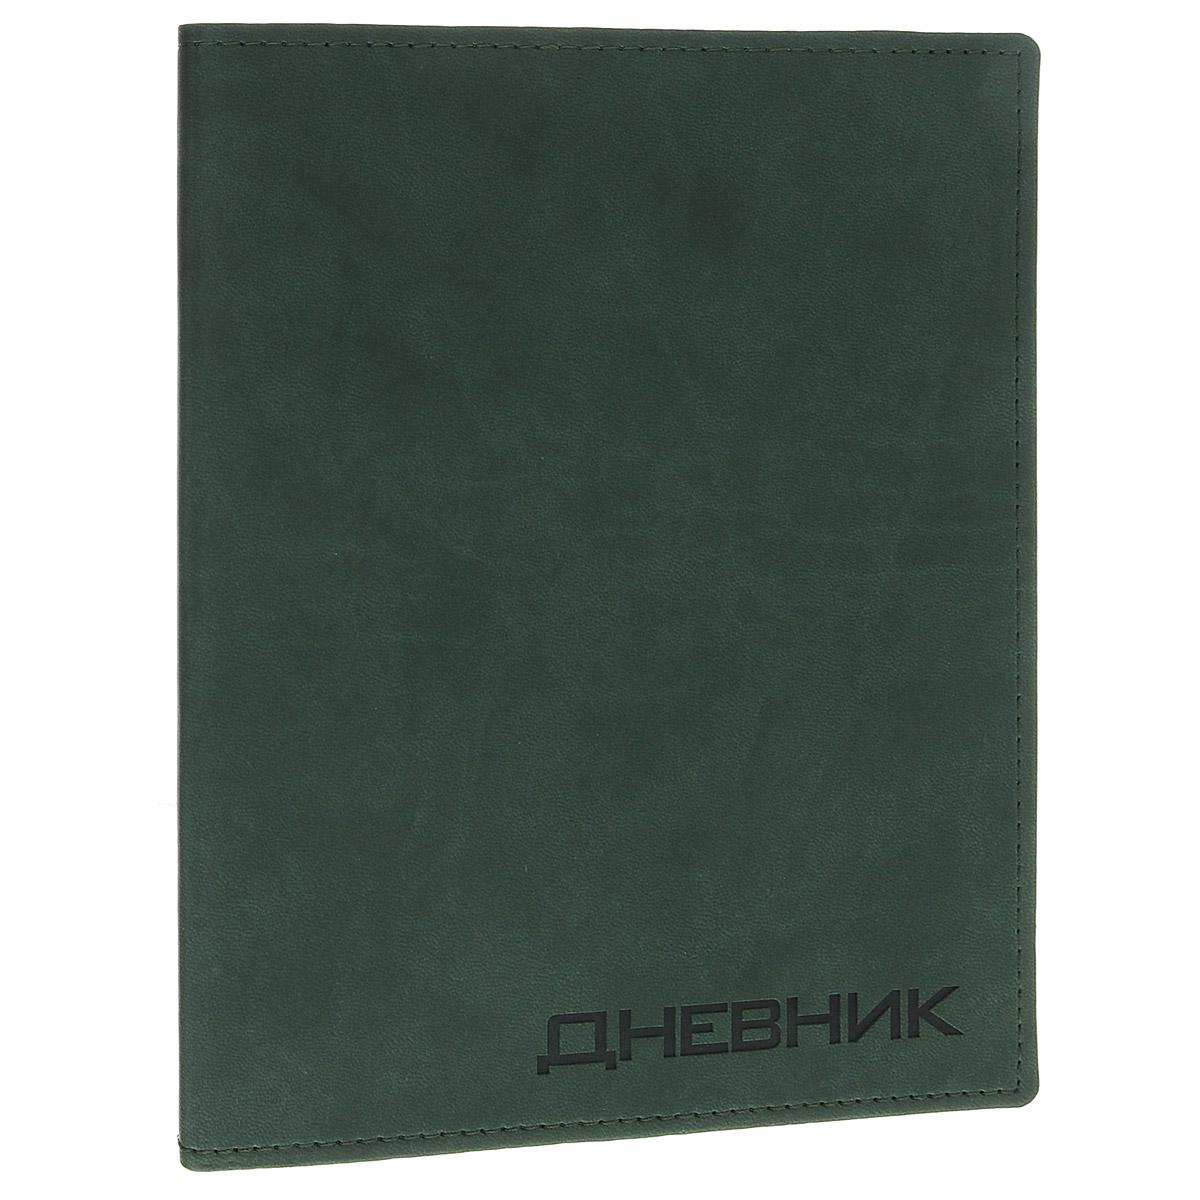 Дневник школьный Триумф Вивелла, цвет: зеленый72523WDШкольный дневник Триумф Вивелла - первый ежедневник вашего ребенка. Он поможет ему не забыть свои задания, а вы всегда сможете проконтролировать его успеваемость.Гибкая, высокопрочная интегральная обложка с закругленными углами прошита по периметру. Надпись нанесена путем вдавленного термотиснения и темнее основного цвета обложки, крепление сшитое. На разворотах под обложкой дневник дополнен политической и физической картой России. Внутренний блок выполнен из качественной бумаги кремового цвета с четкой линовкой темно-серого цвета. В структуру дневника входят все необходимые разделы: информация о школе и педагогах, расписание занятий и факультативов по четвертям. На последней странице для итоговых оценок незаполненные графы изучаемых предметов.